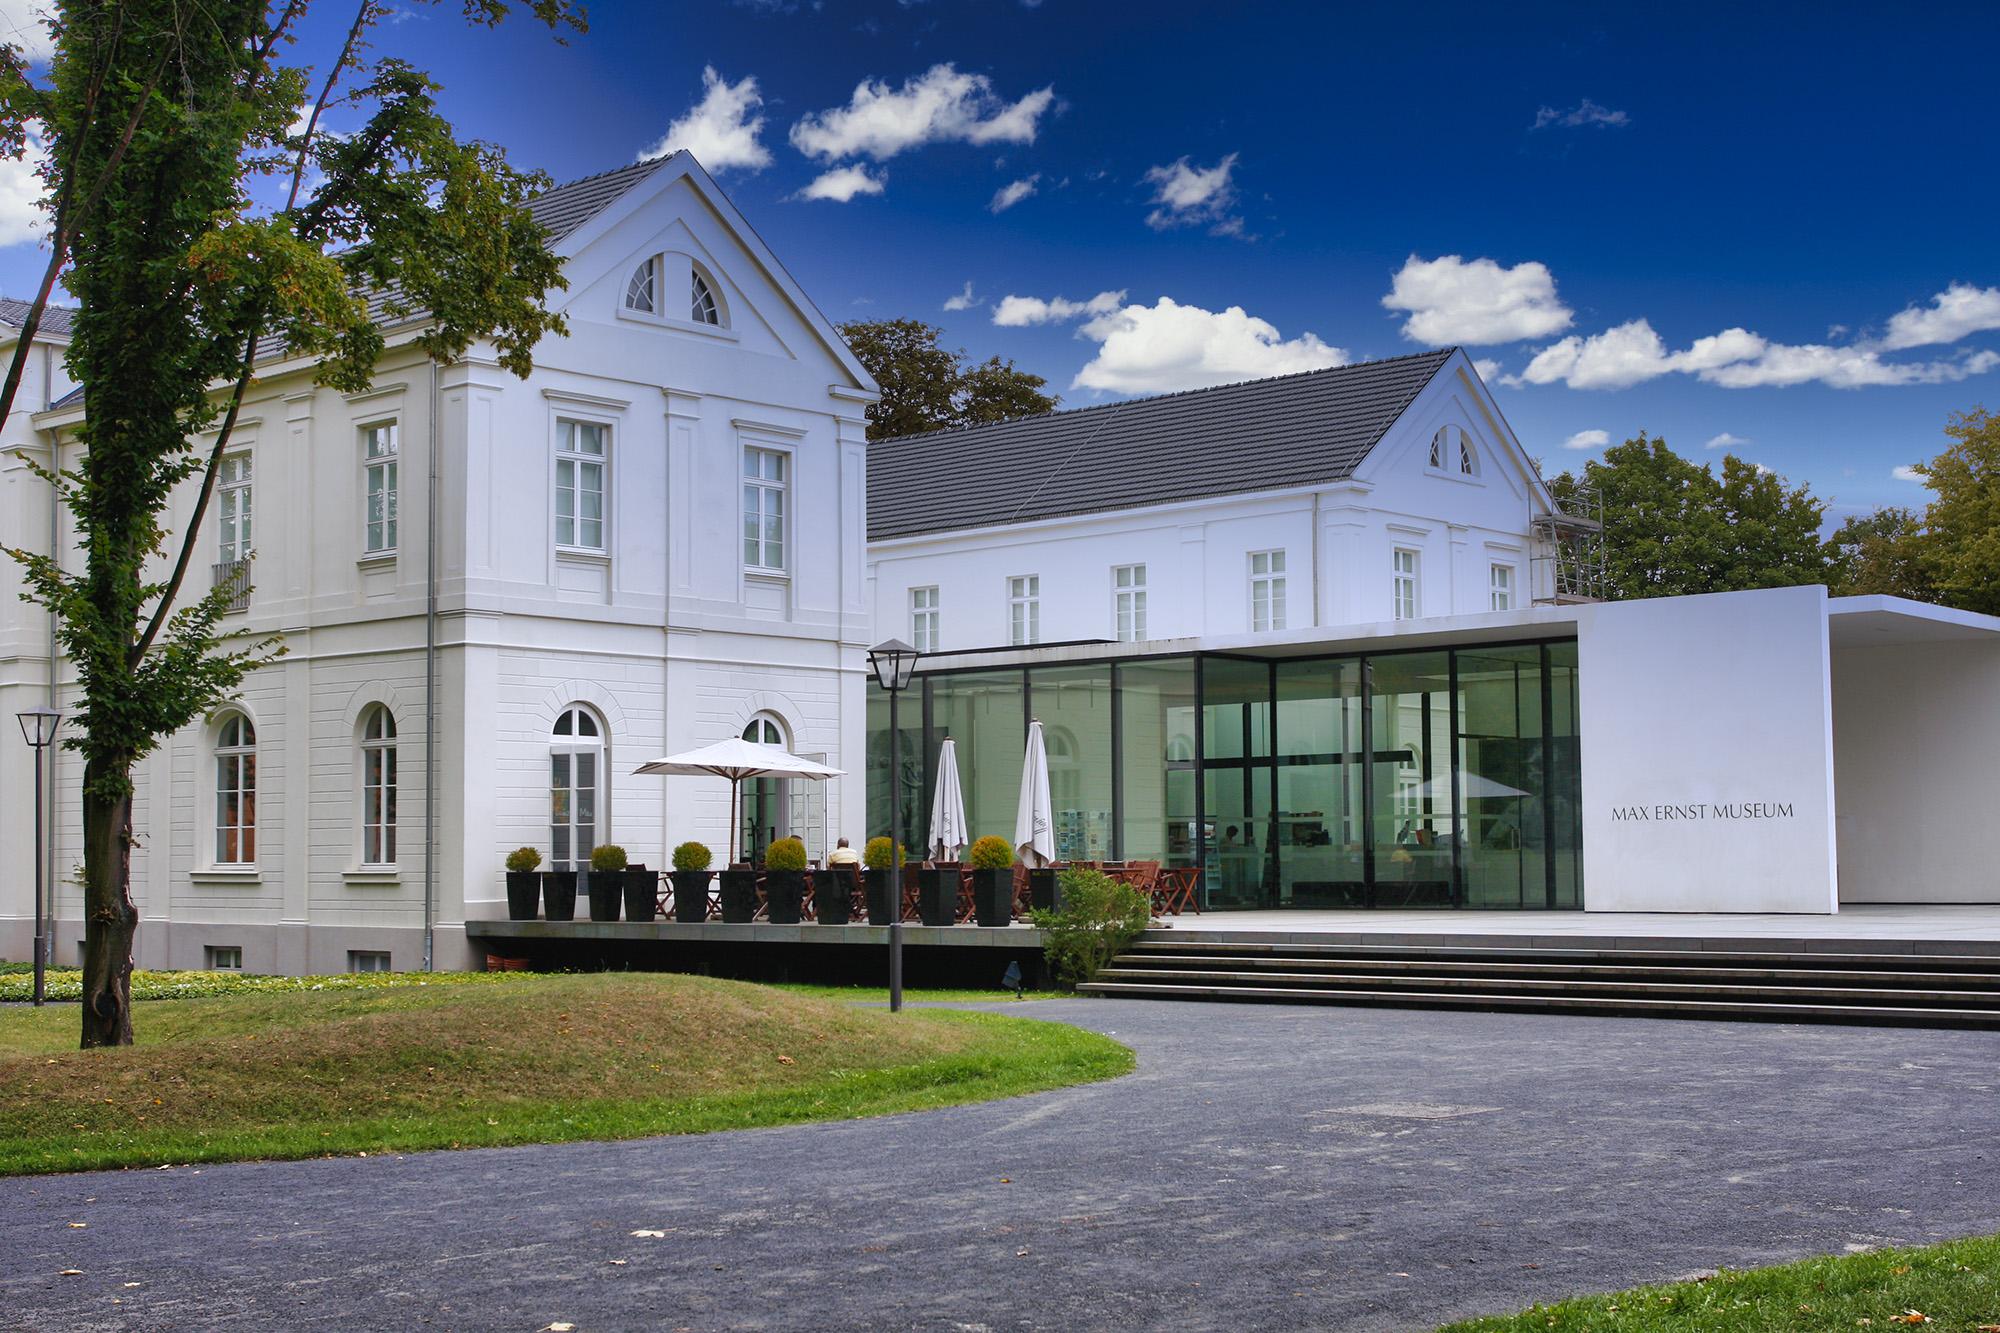 Das Max Ernst Museum in Brühl